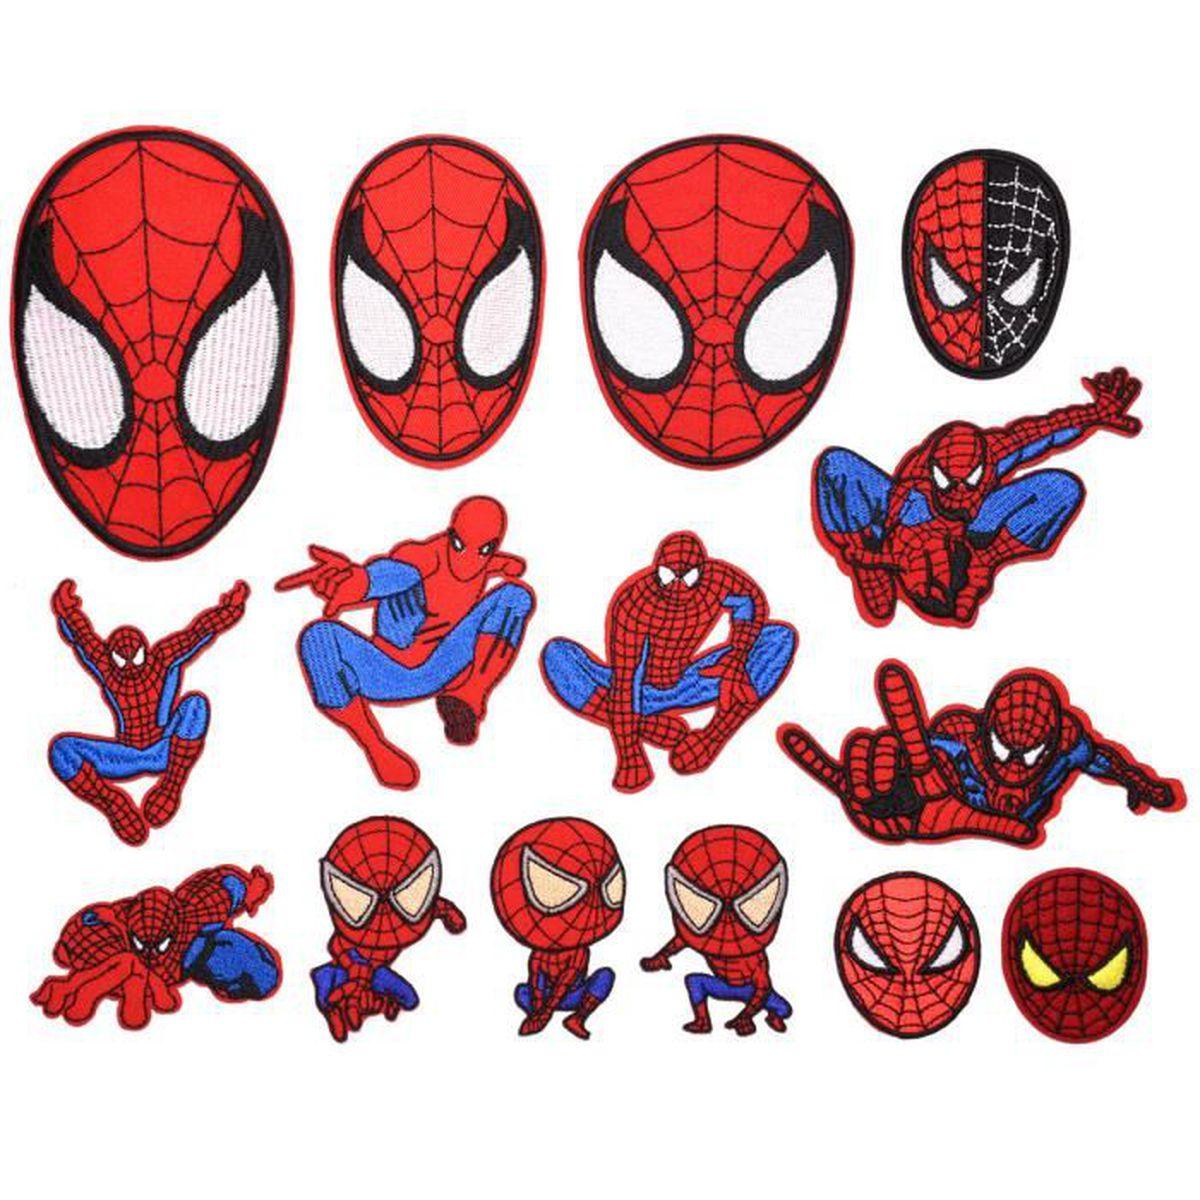 King Wow 15pcs Spiderman Dessin Anime Broderie Enfants Patch Autocollants Vetements Vetements Jeans Decoration Achat Vente Renfort Patch King Wow 15pcs Spiderman D Cdiscount